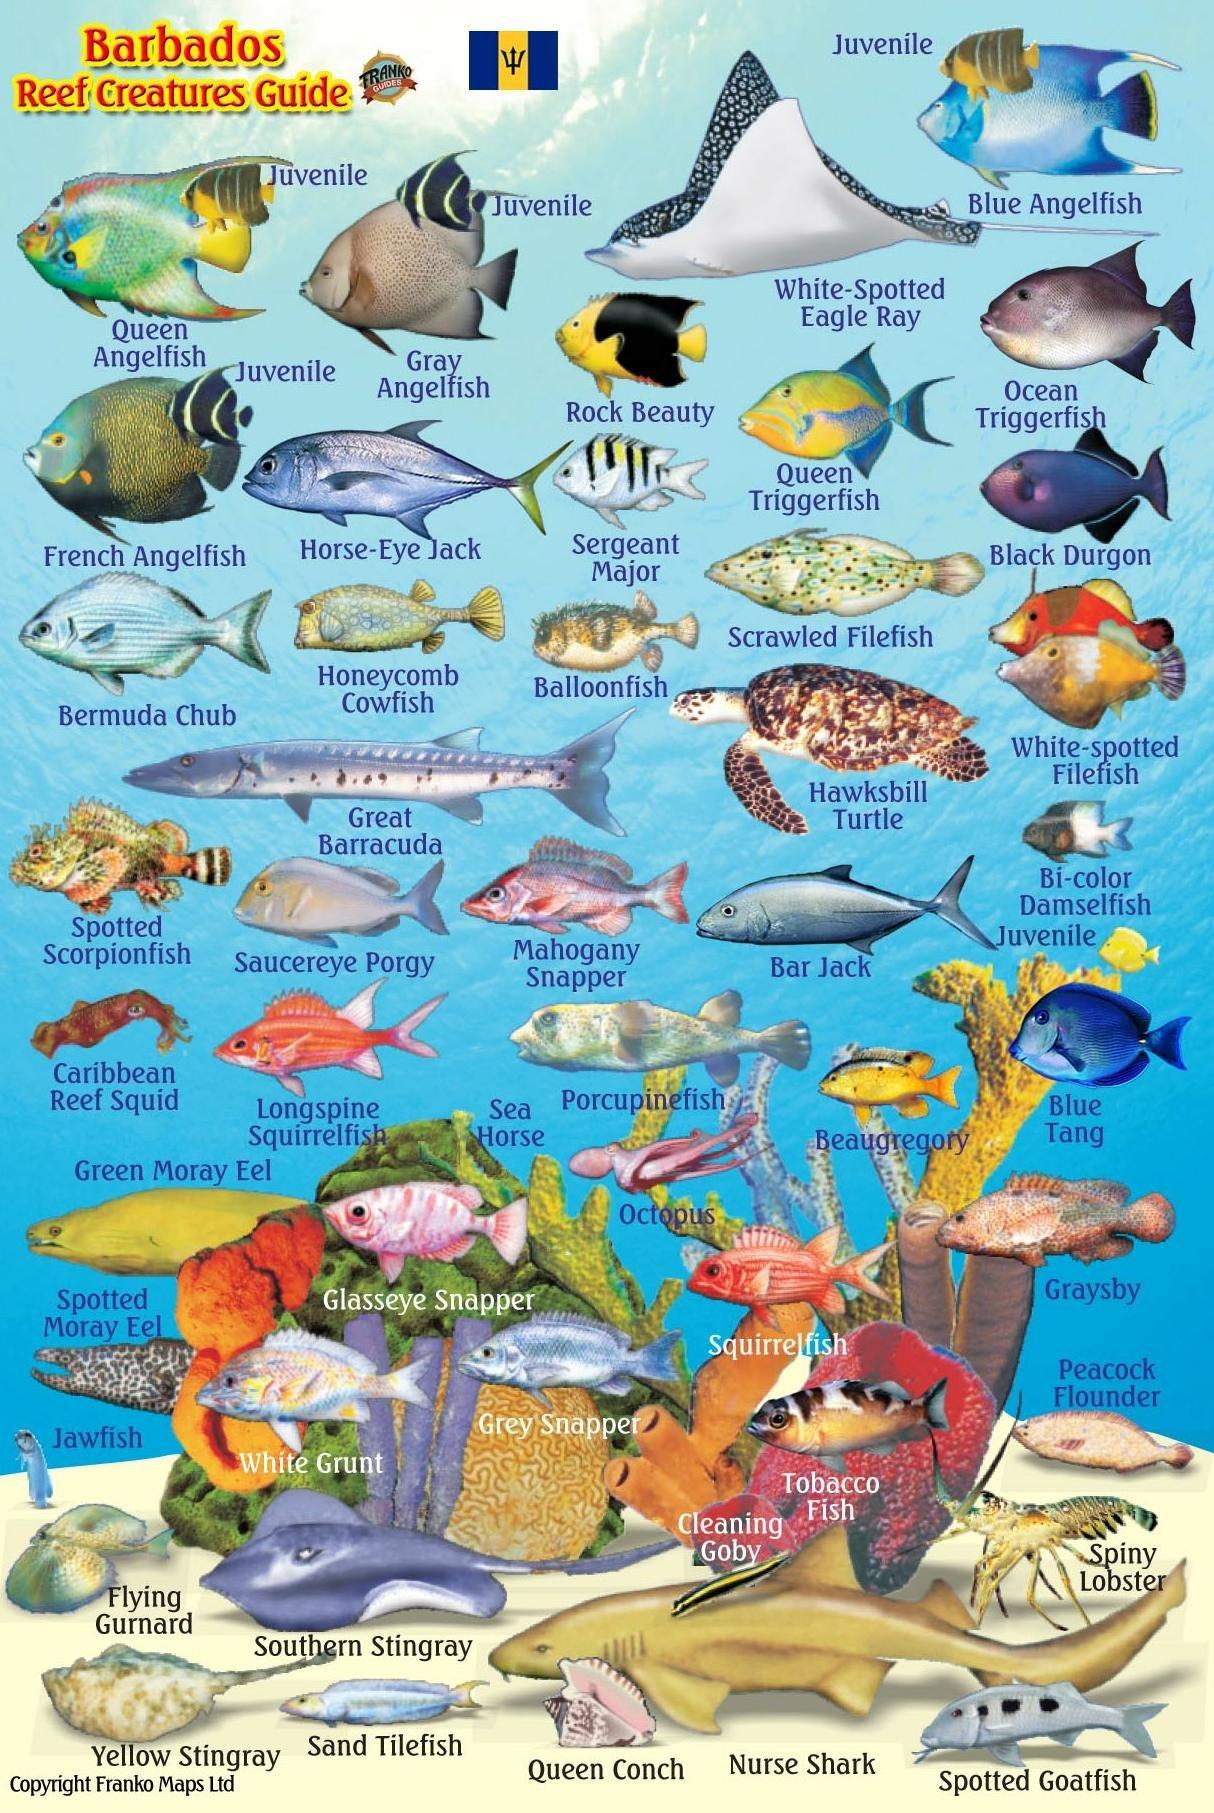 Barbados Reef fish species